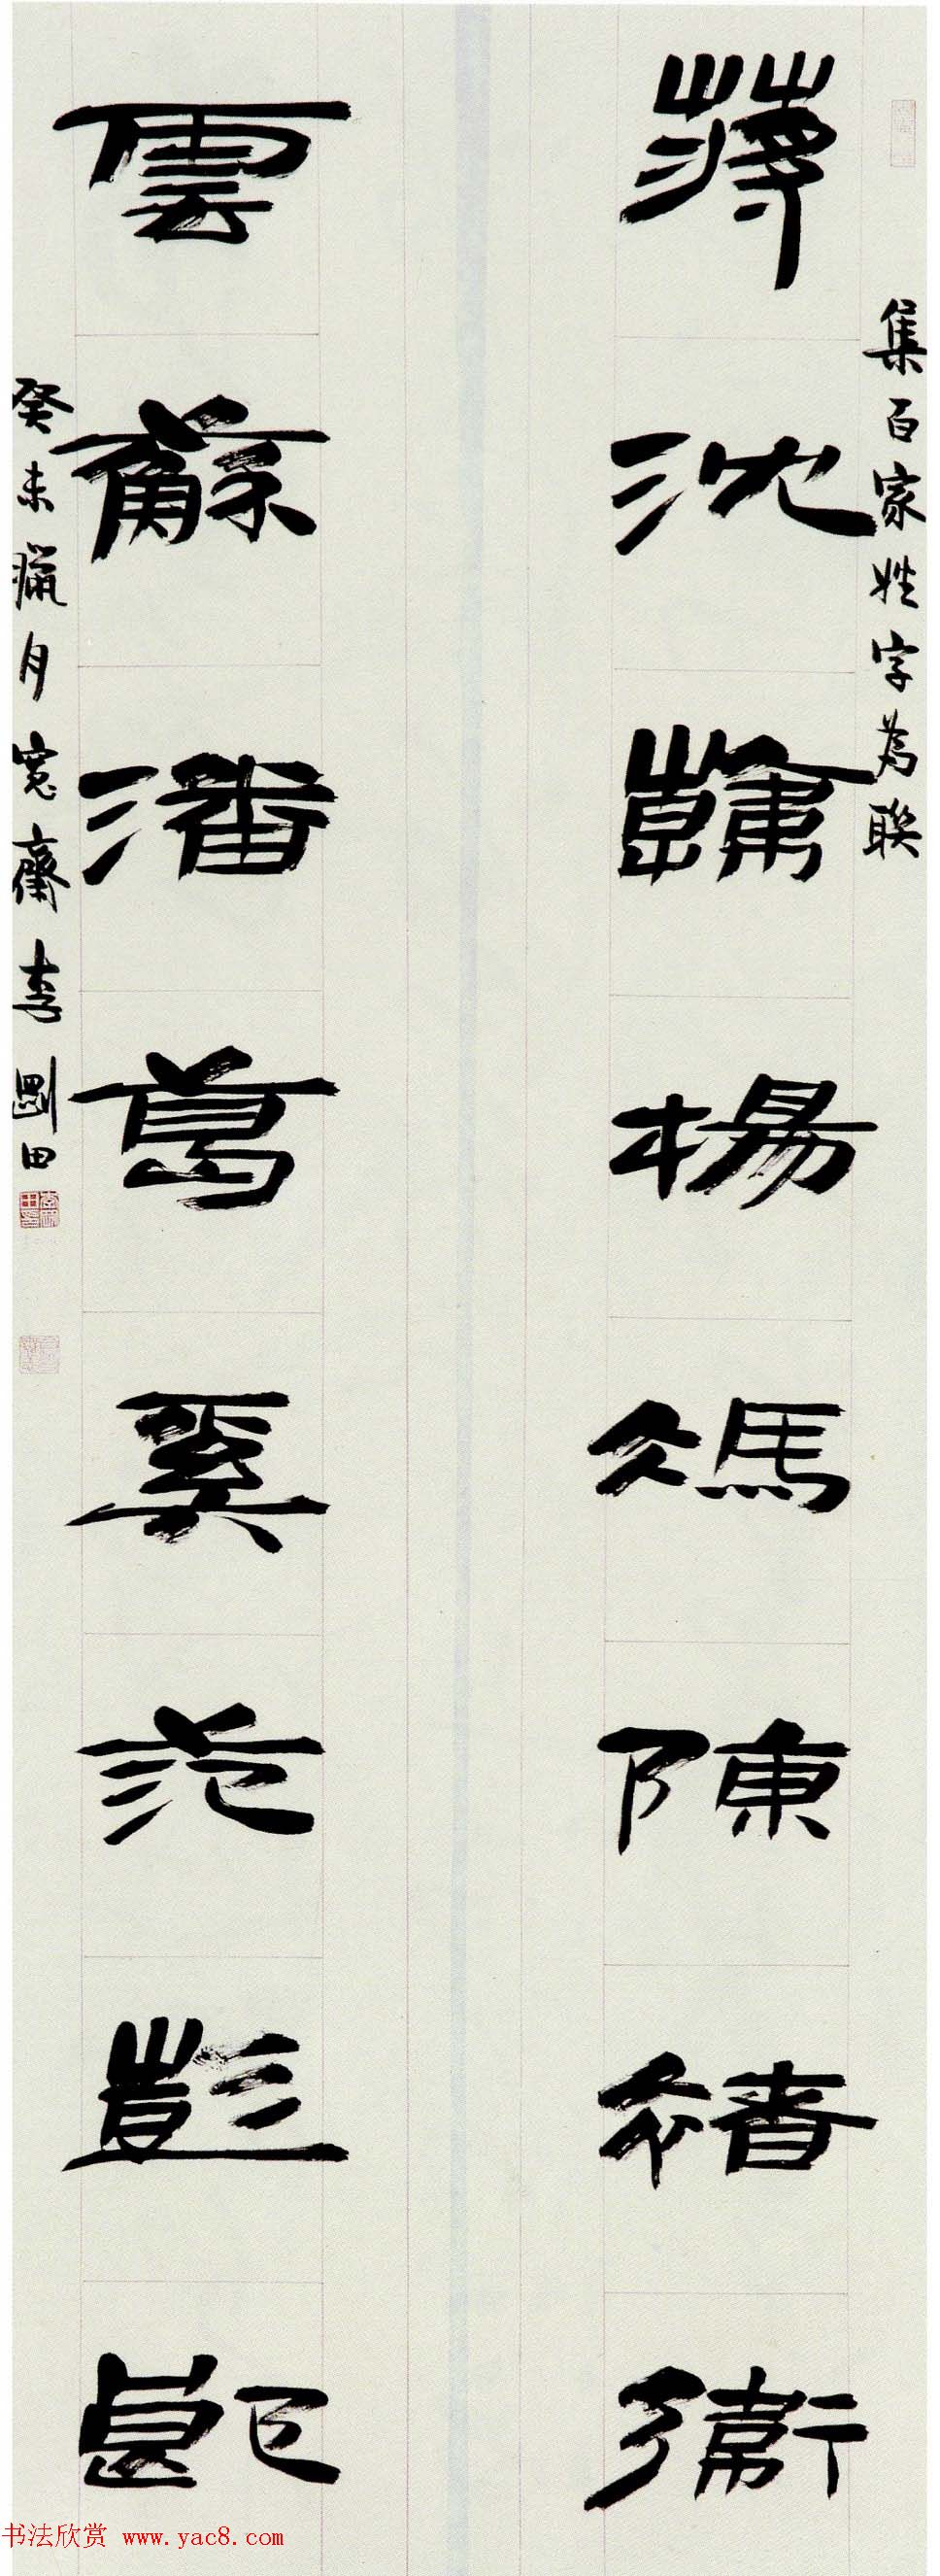 河南书协名誉主席李刚田书法作品欣赏